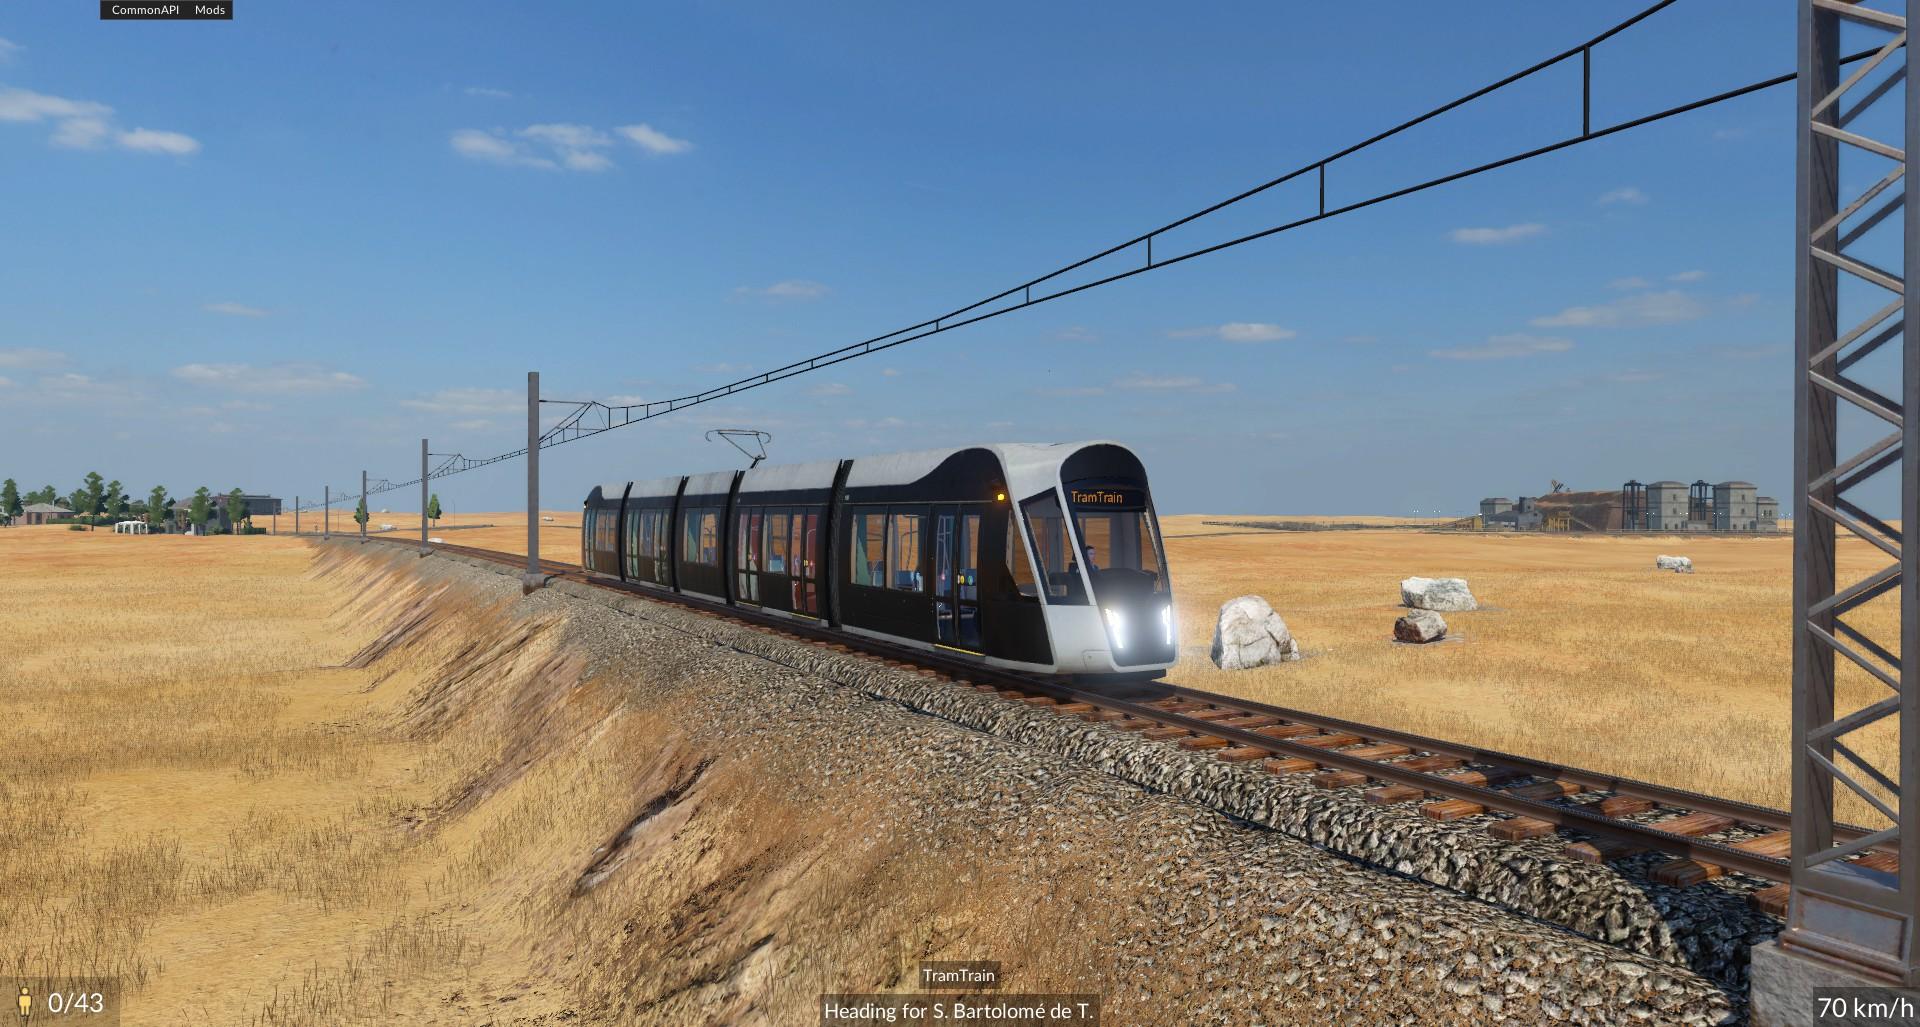 Transport Fever 2 - Tram Train Vanilla